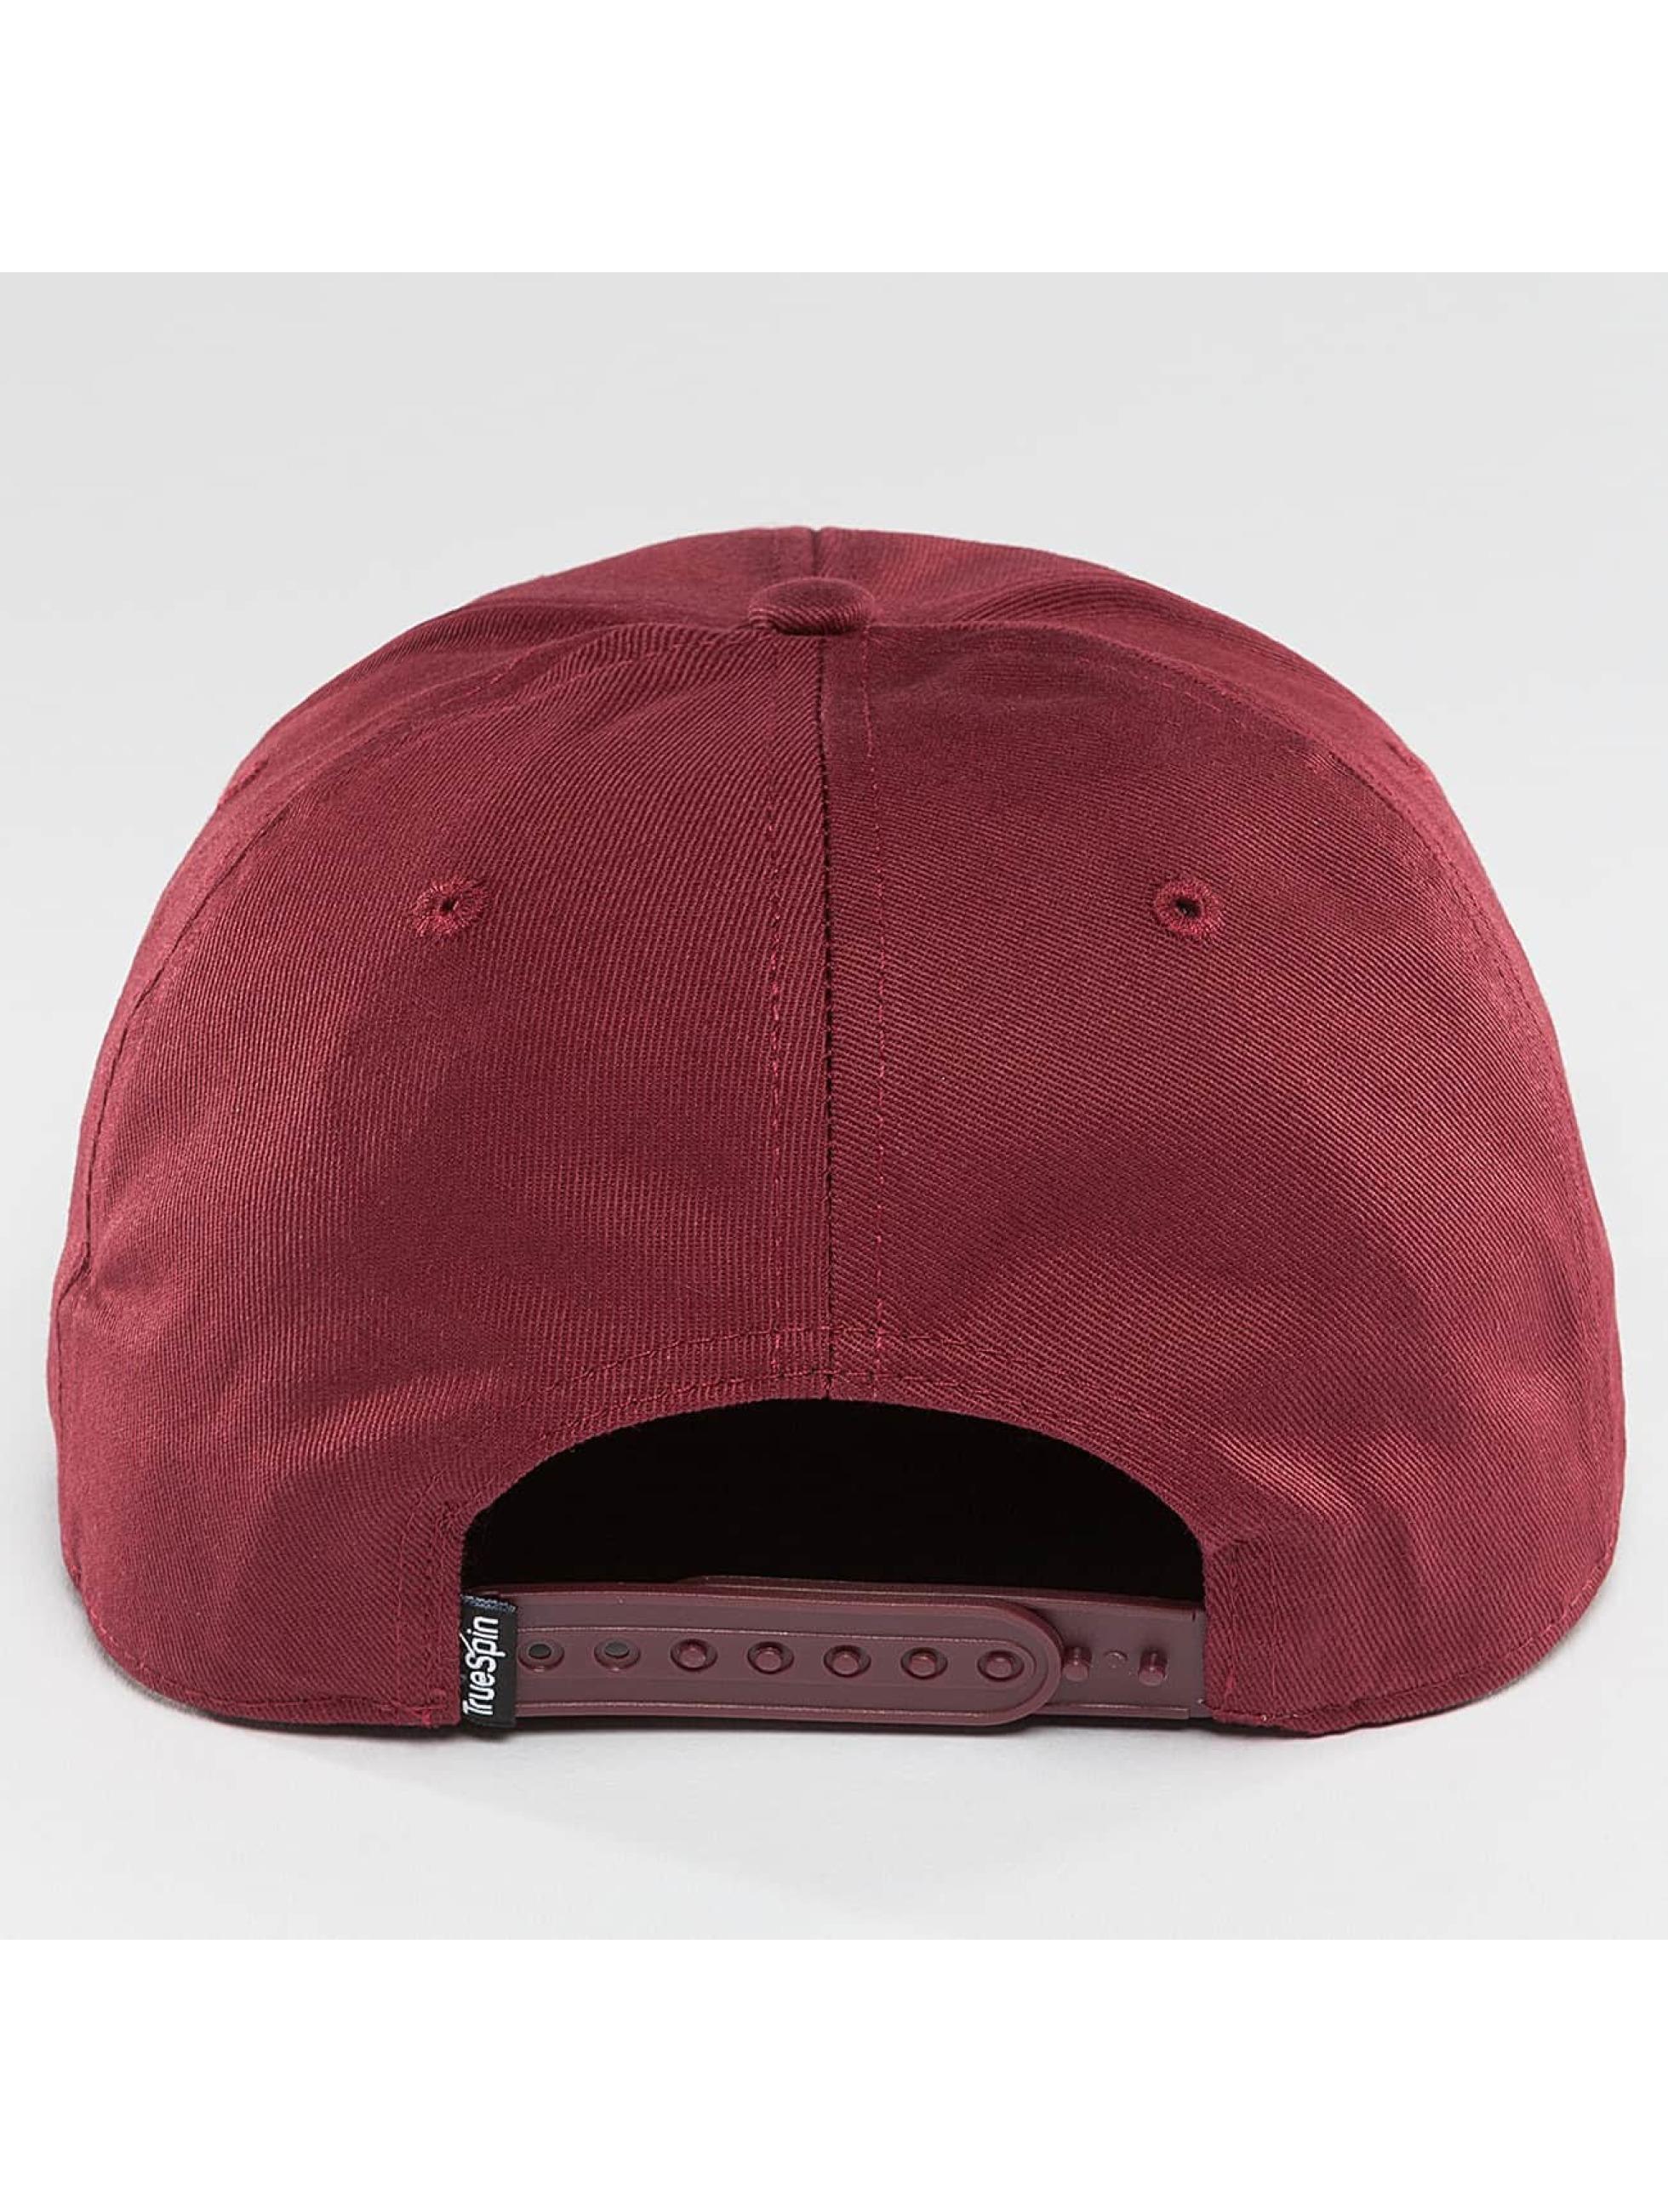 TrueSpin Gorra Snapback Täskulap rojo